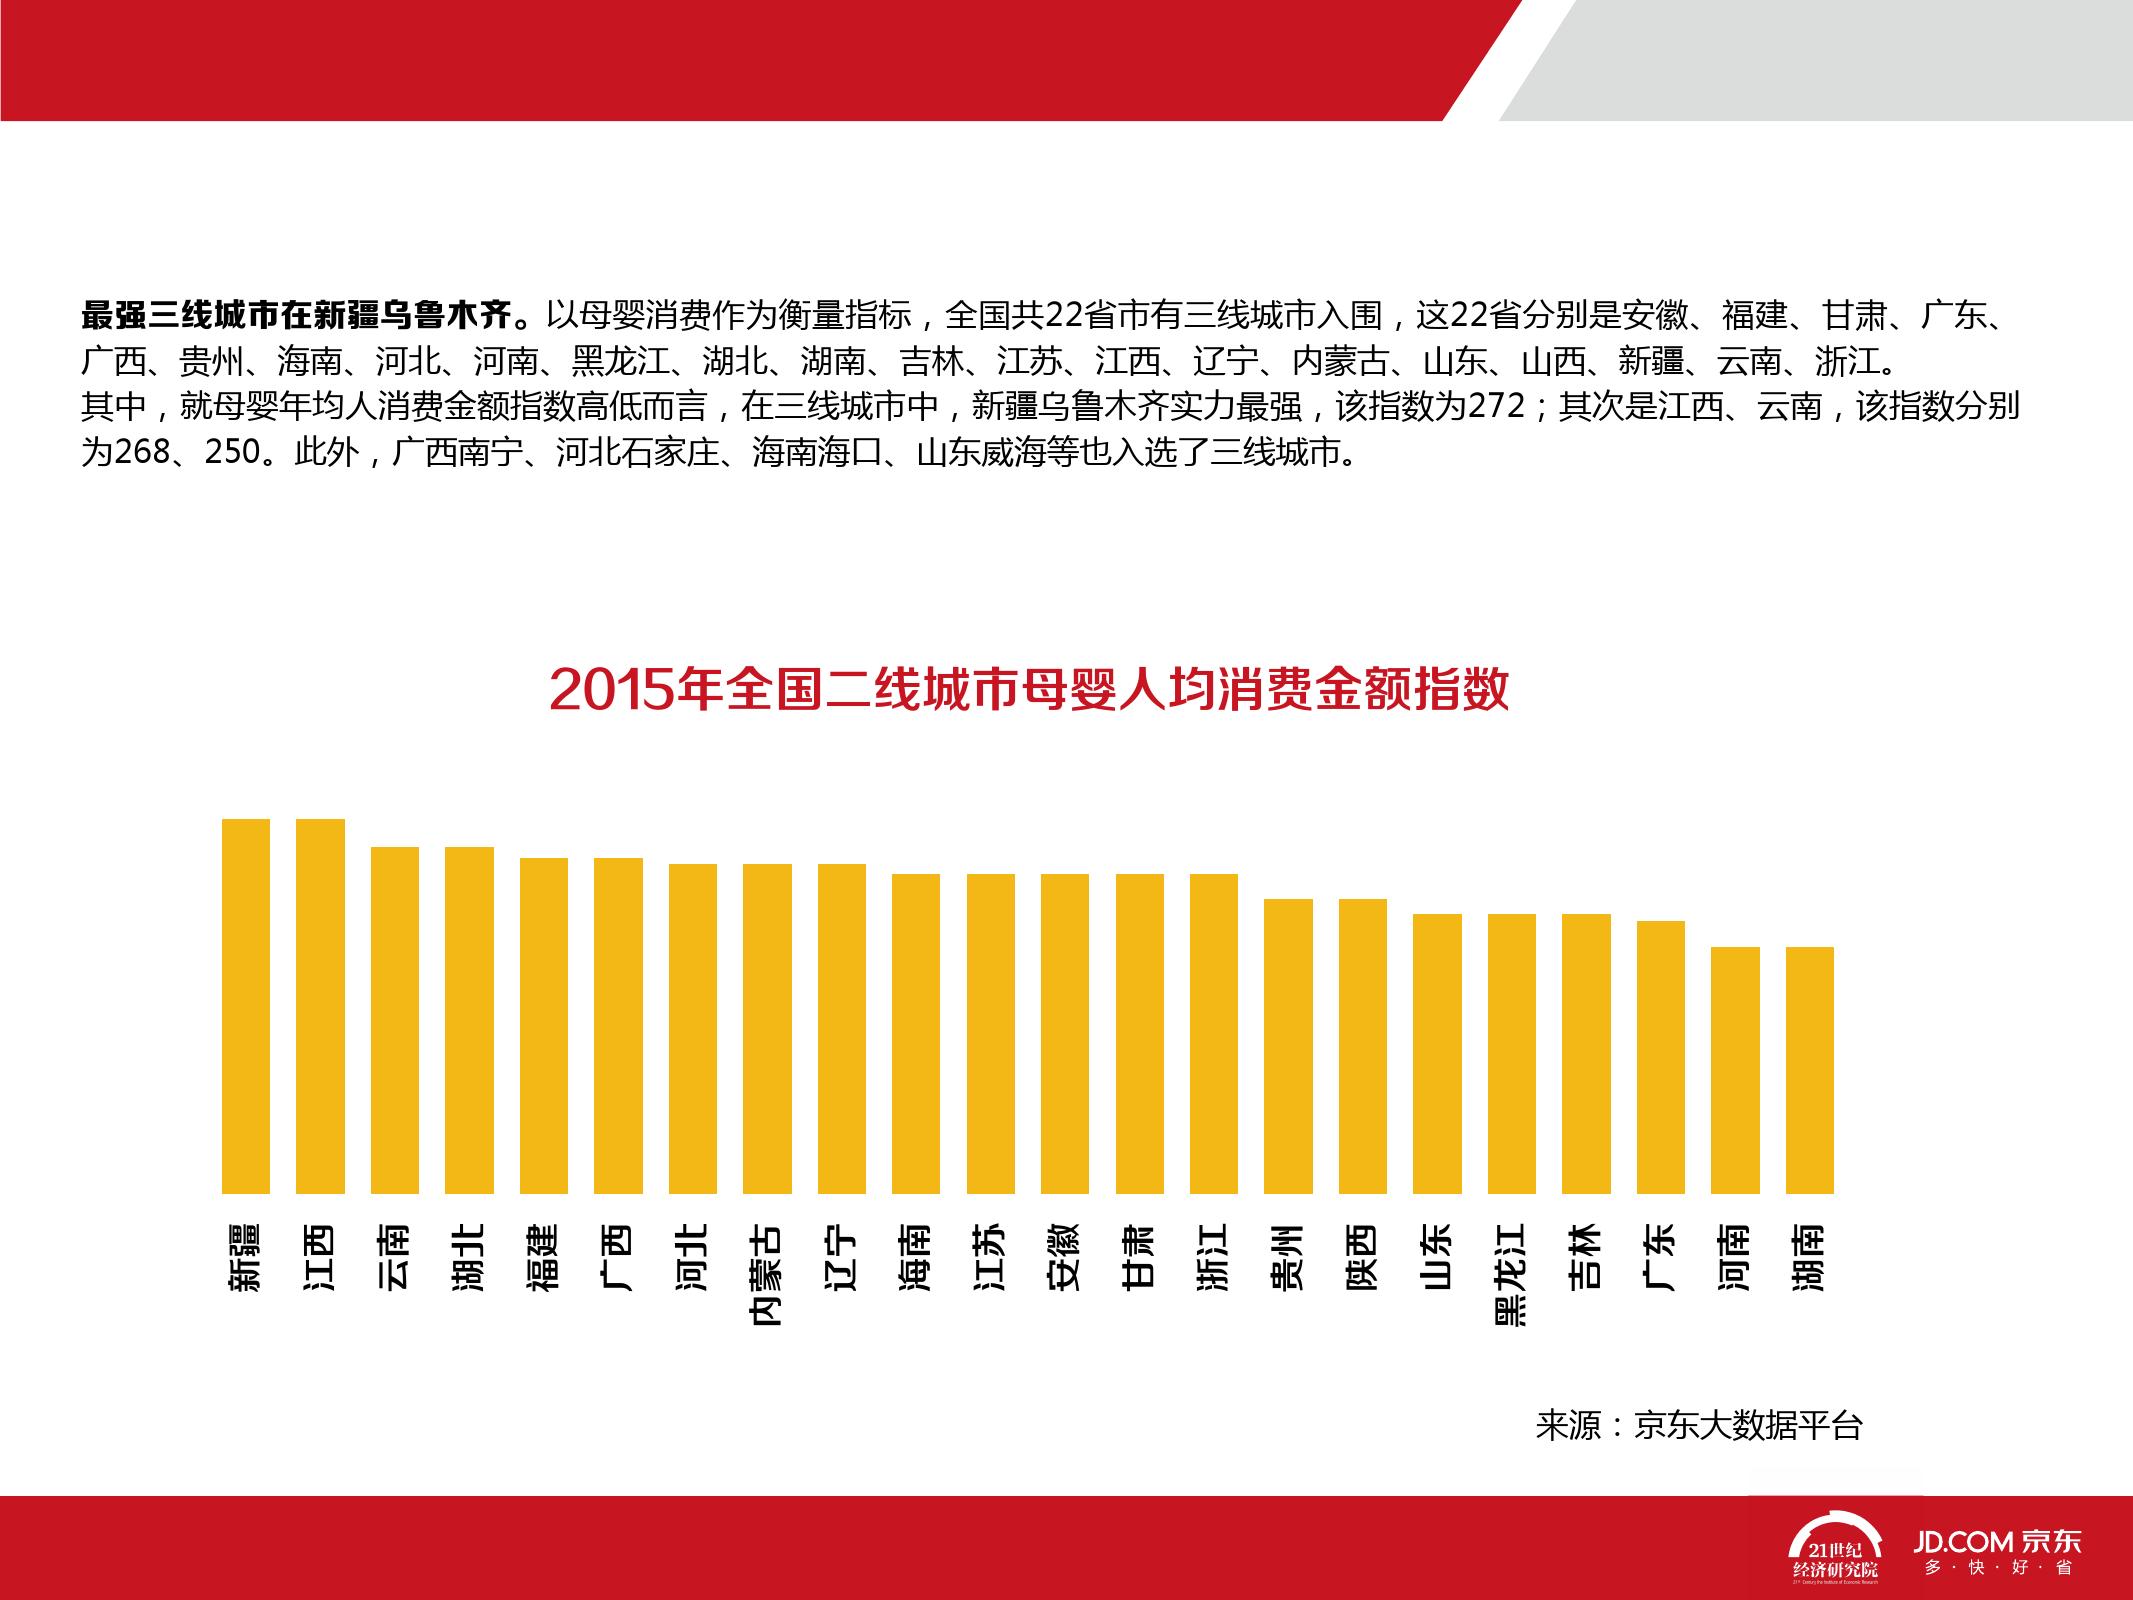 2016中国母婴产品消费趋势报告_000059